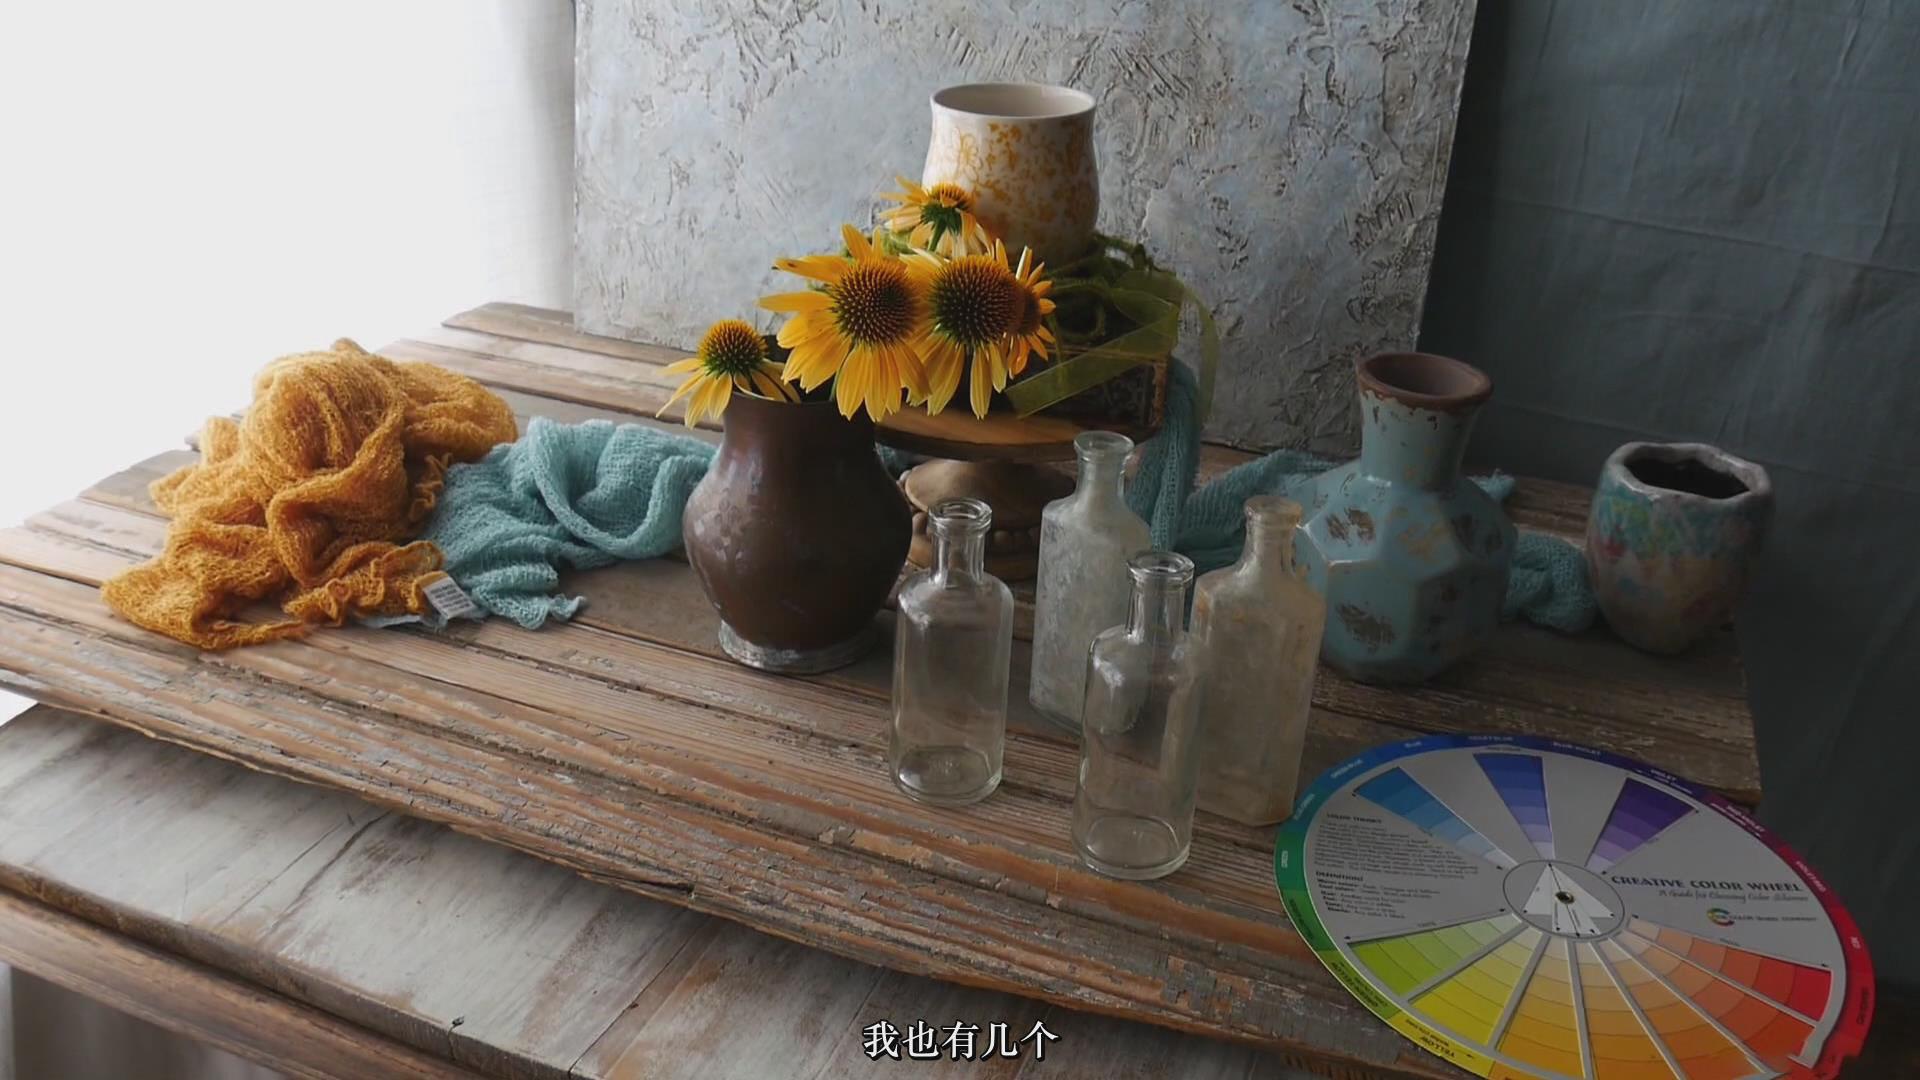 摄影教程_Lenslab –静物花卉产品摄影掌握色彩突破艺术界限研讨会-中文字幕 摄影教程 _预览图25